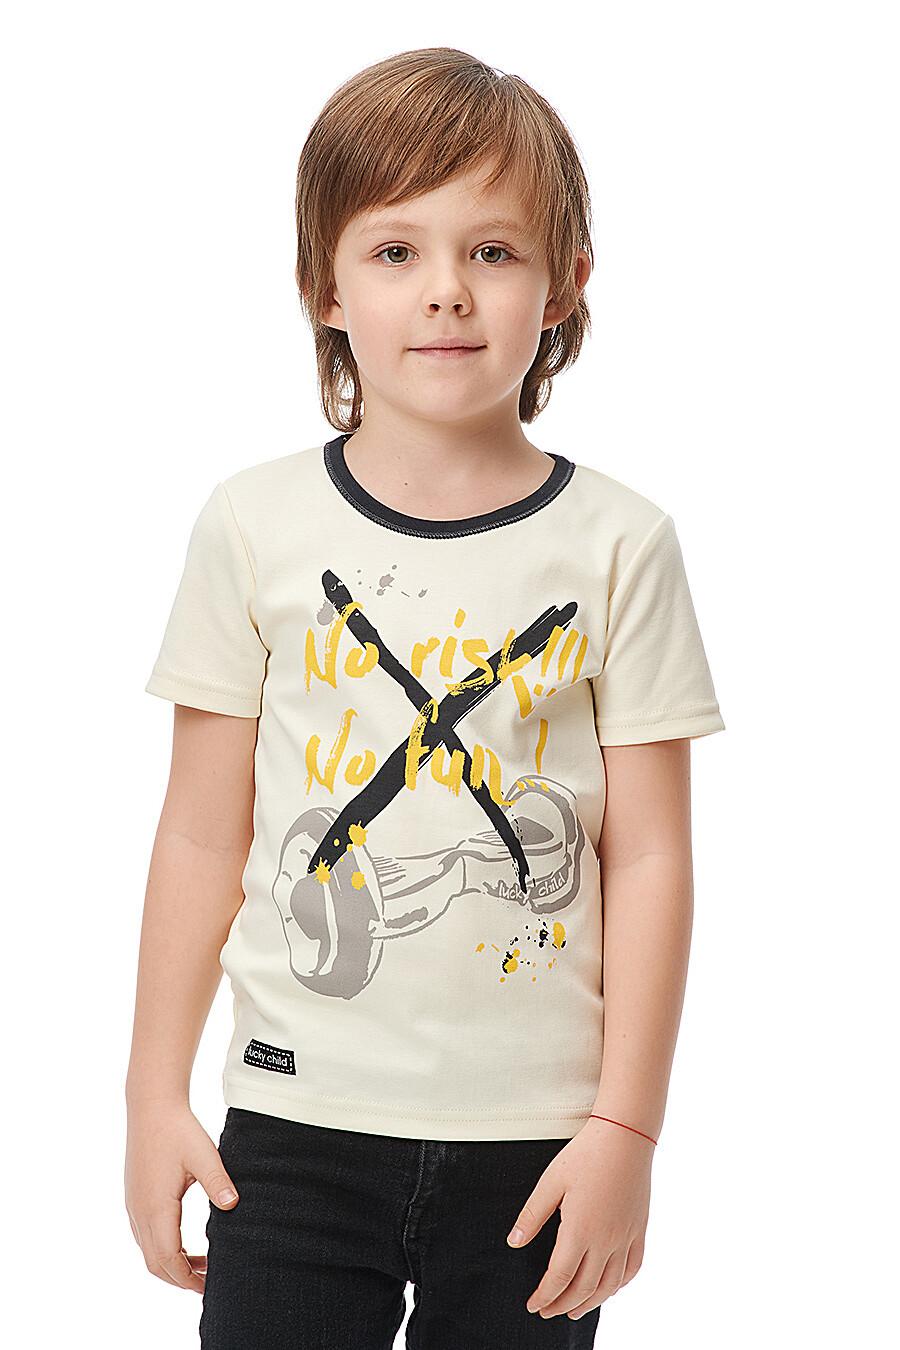 Футболка для мальчиков LUCKY CHILD 184697 купить оптом от производителя. Совместная покупка детской одежды в OptMoyo